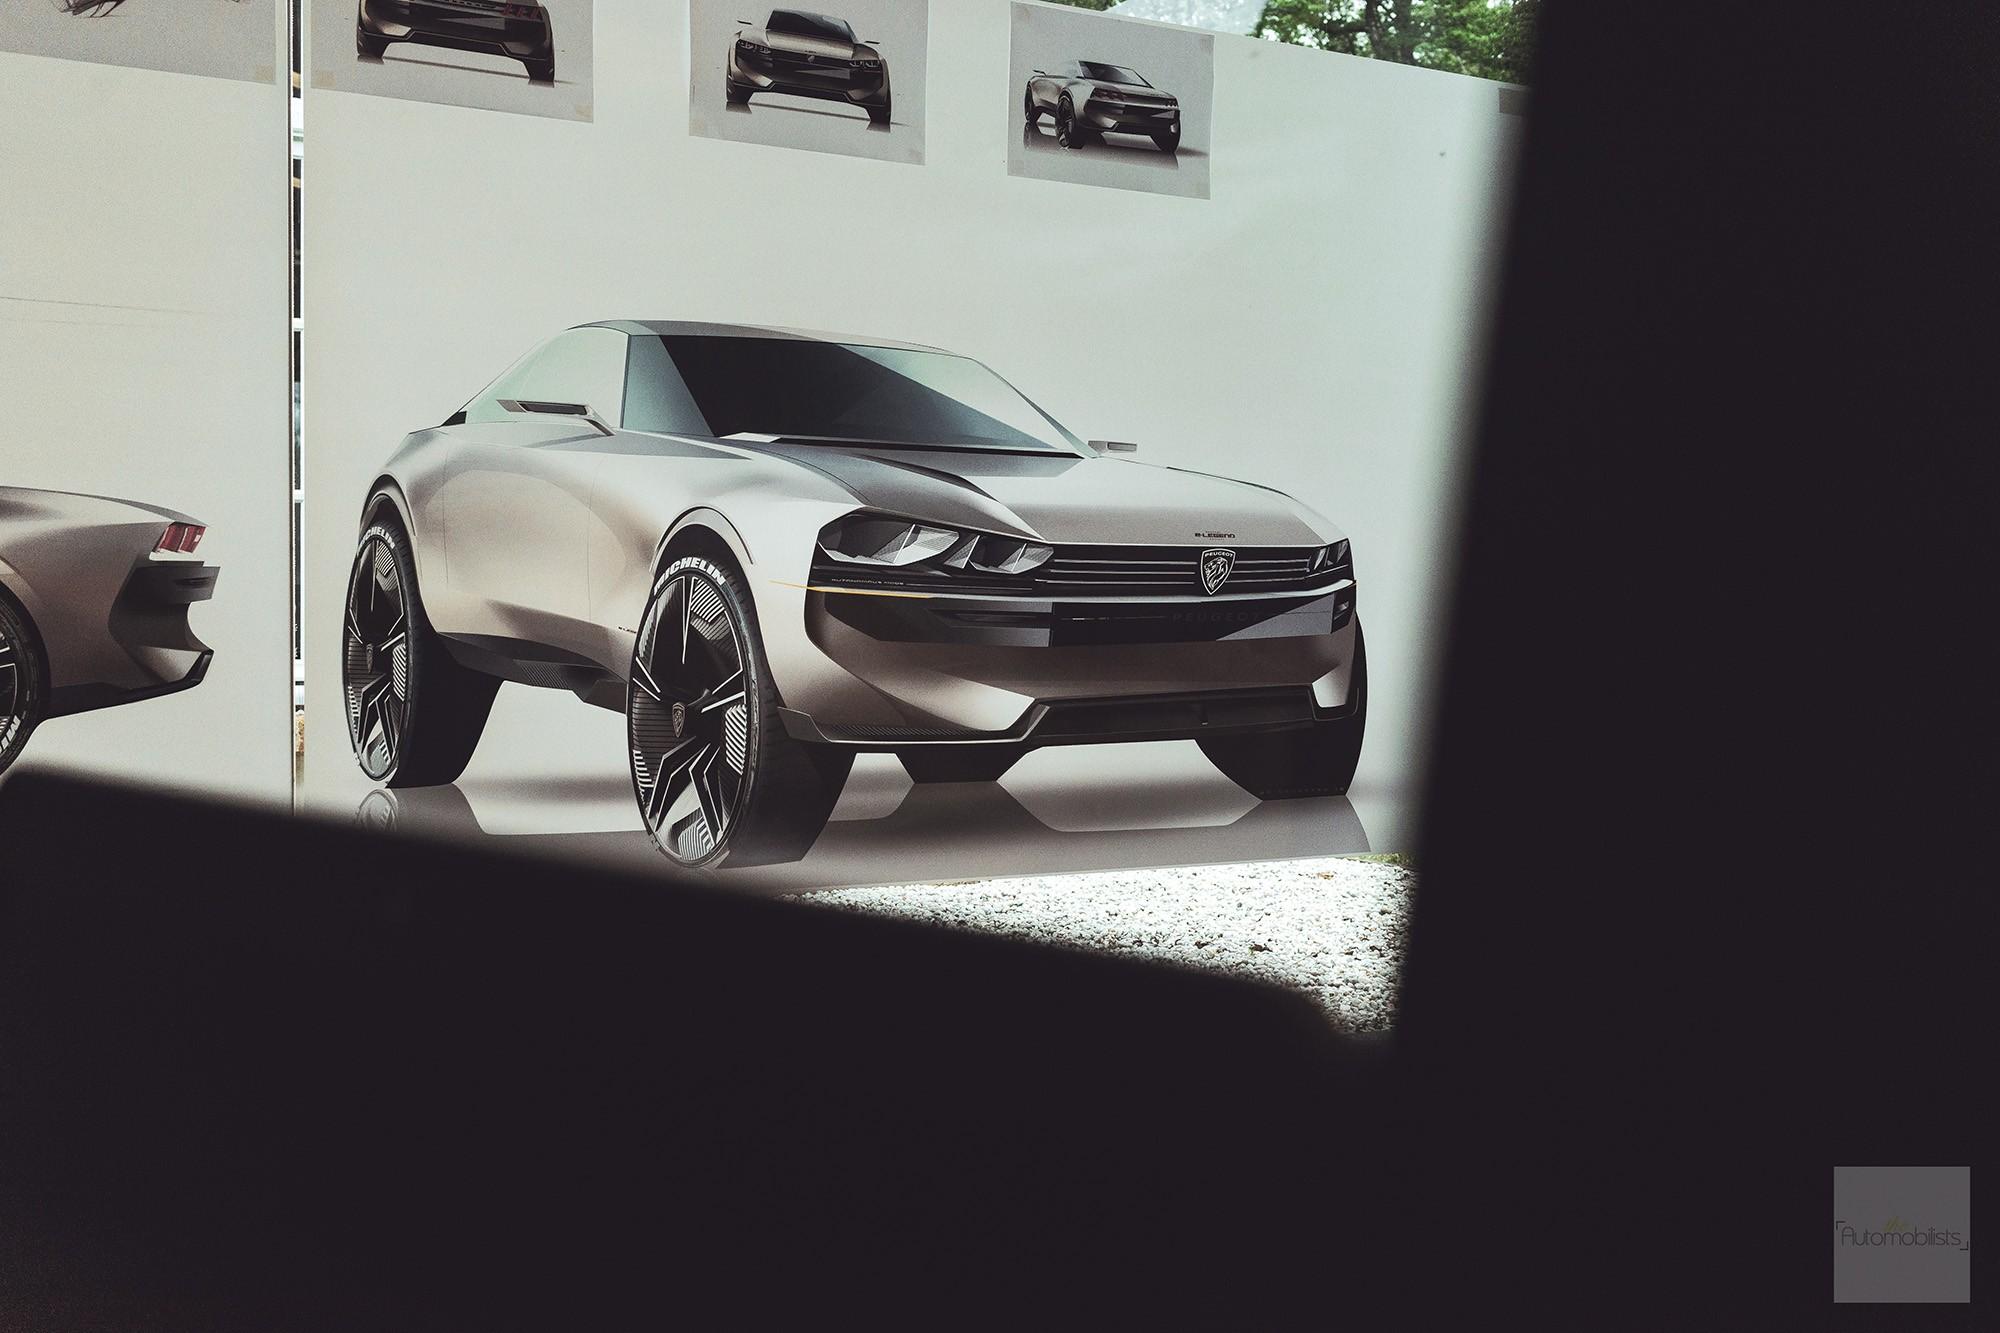 Peugeot P18 Paris Motor Show 2018 E Legend Concept Car sketch 2